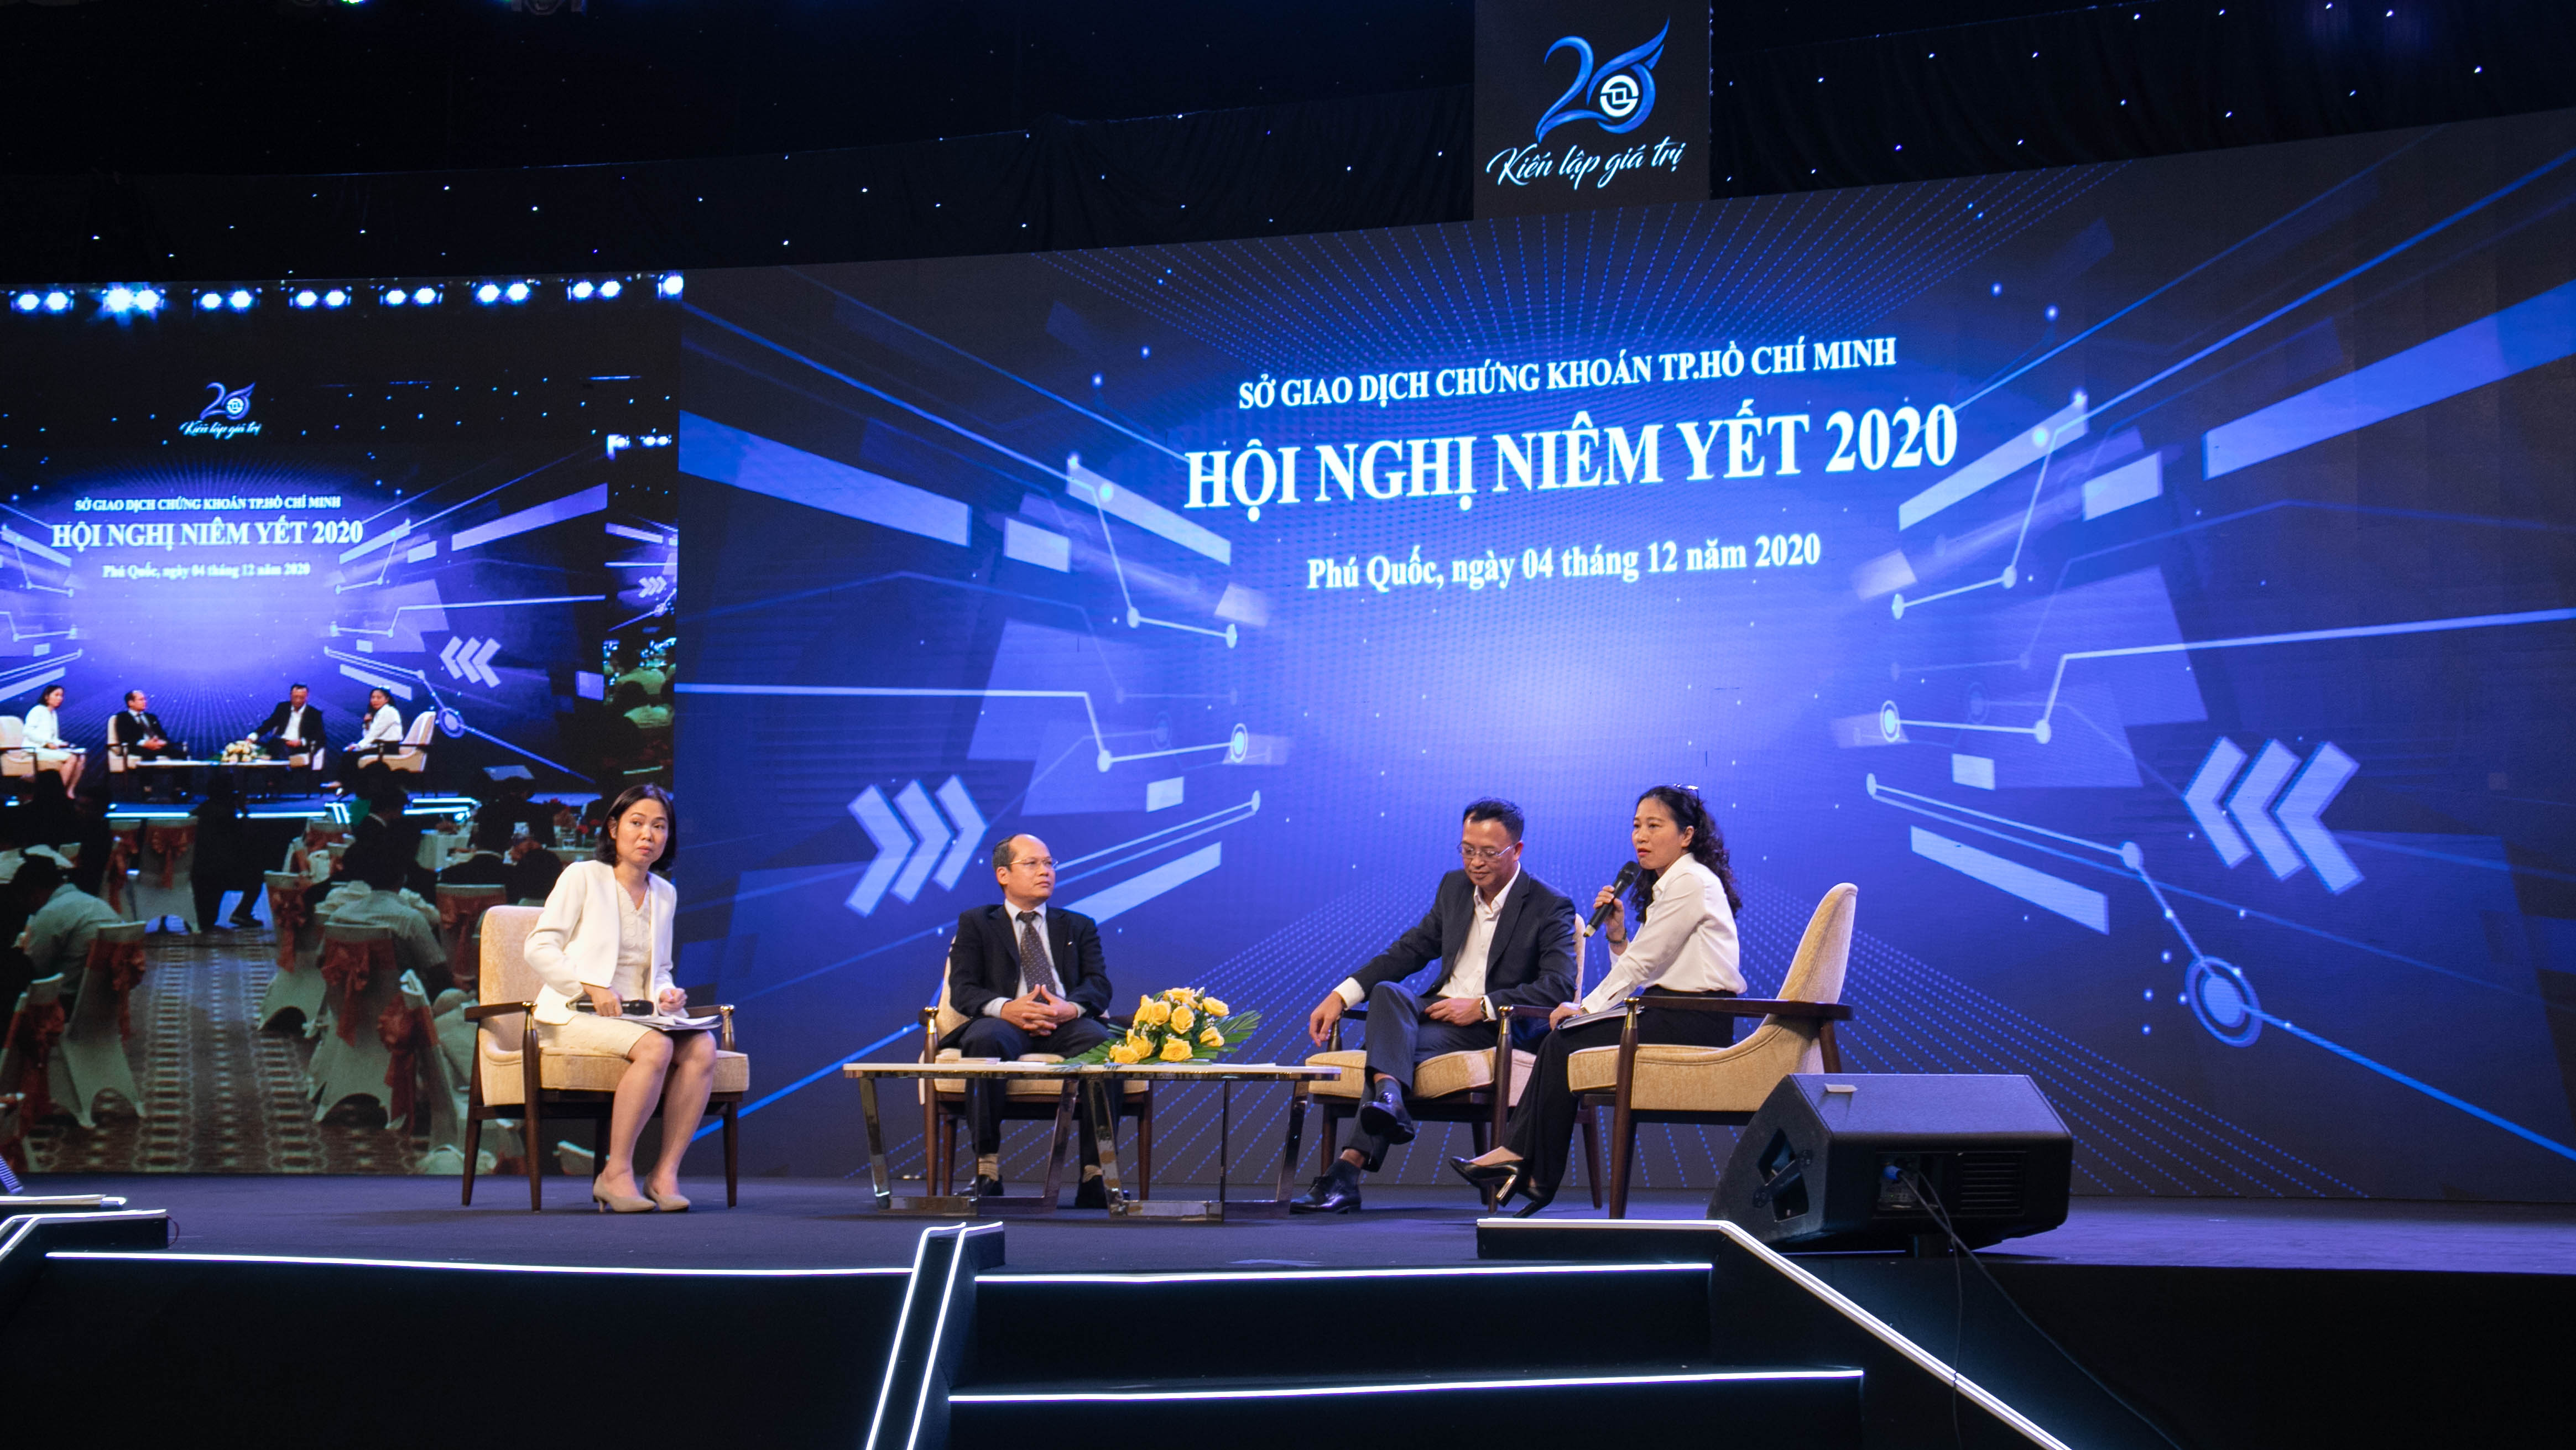 https://www.aravietnam.vn/wp-content/uploads/2020/12/IMG_8595.jpg